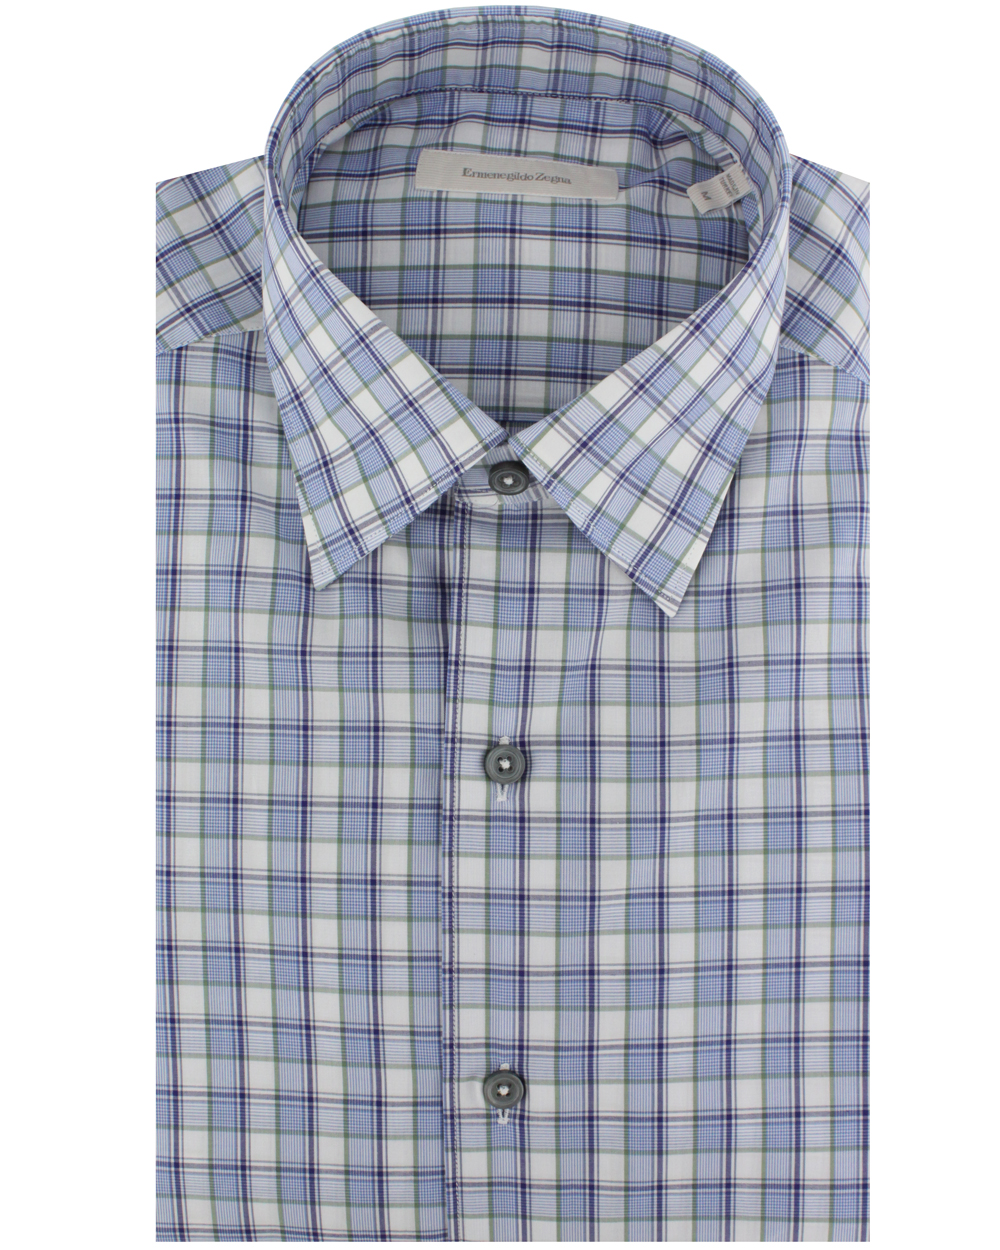 Ermenegildo zegna blue and green plaid dress shirt in blue for Blue and green tartan shirt